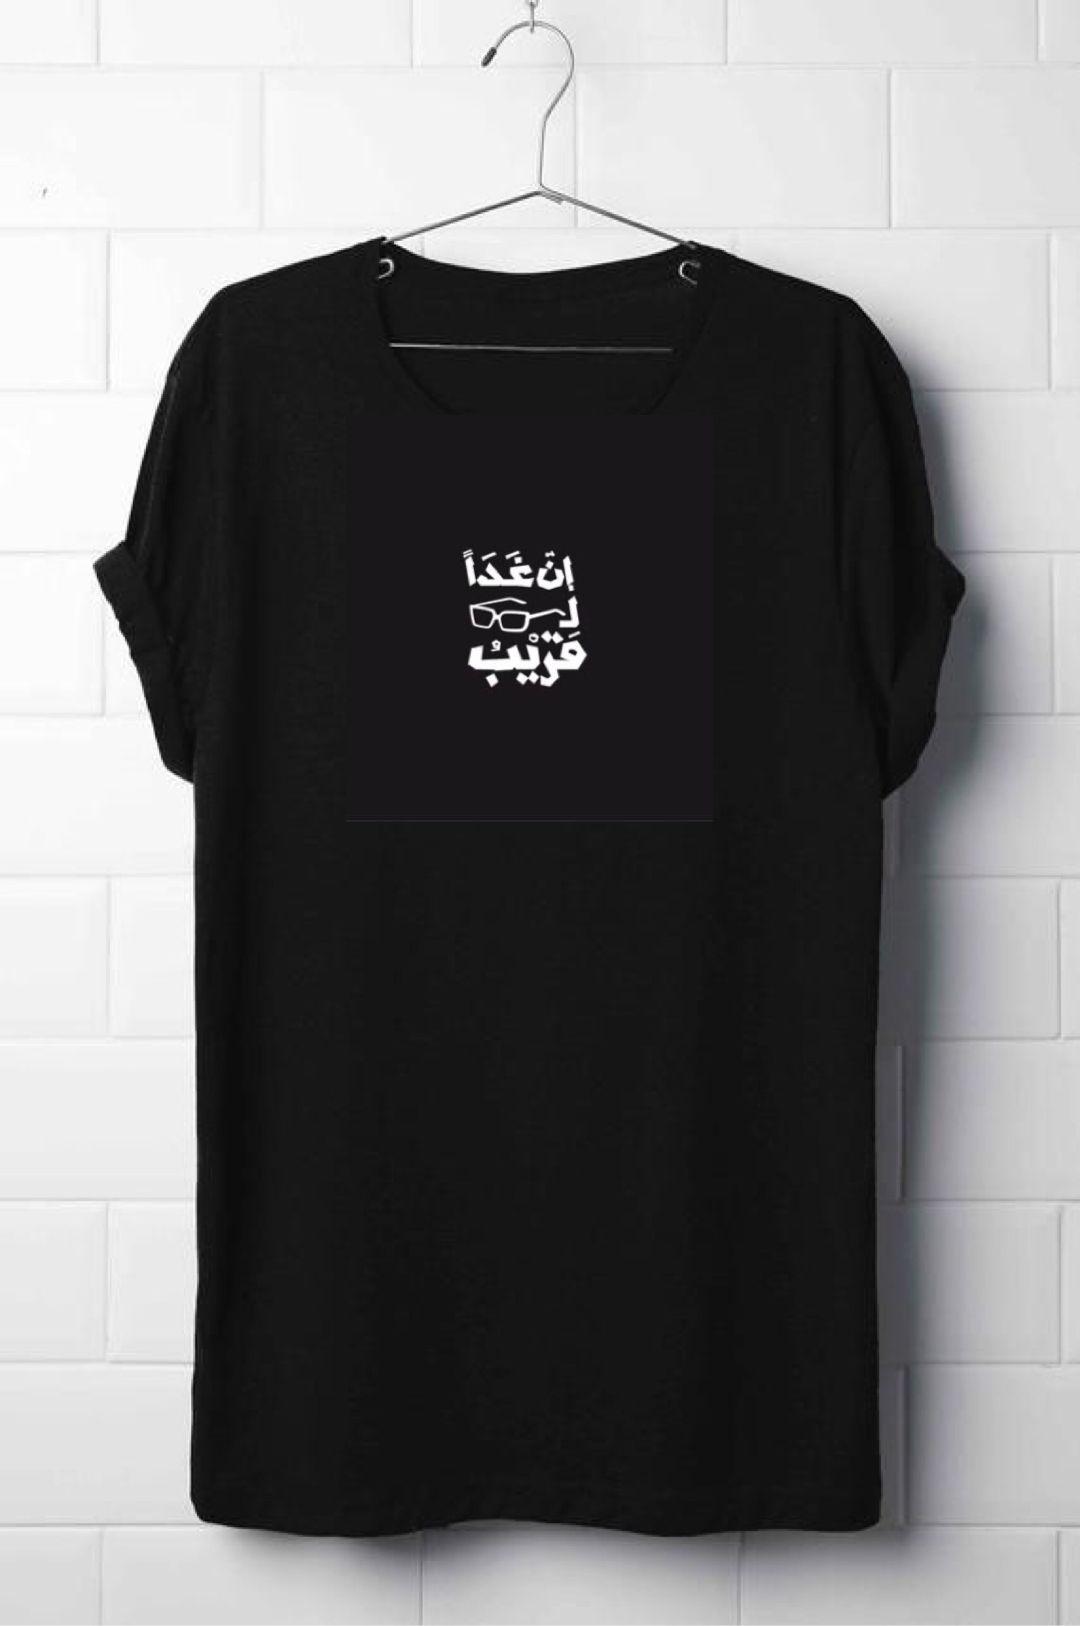 Pin By الحمد لله At 33319 On تصميم تيشرتات Mens Tshirts Tops Mens Tops